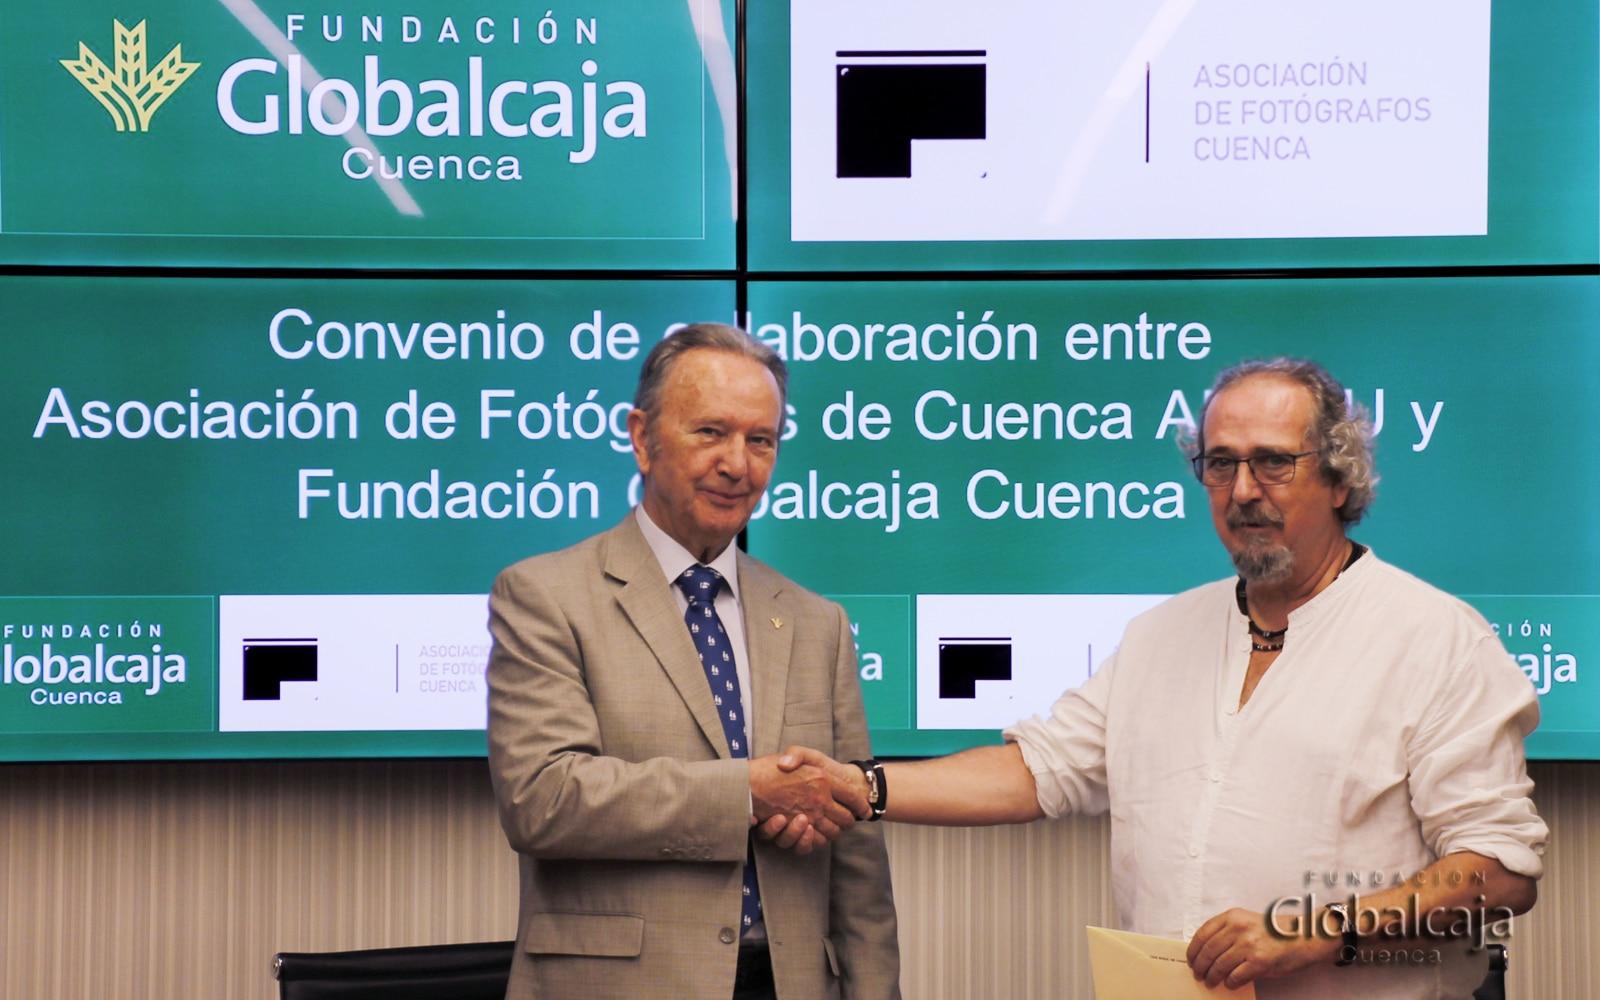 """""""Conoce Cuenca jugando a través de la fotografía"""" gracias a la Fundación Globalcaja Cuenca y AFOCU"""